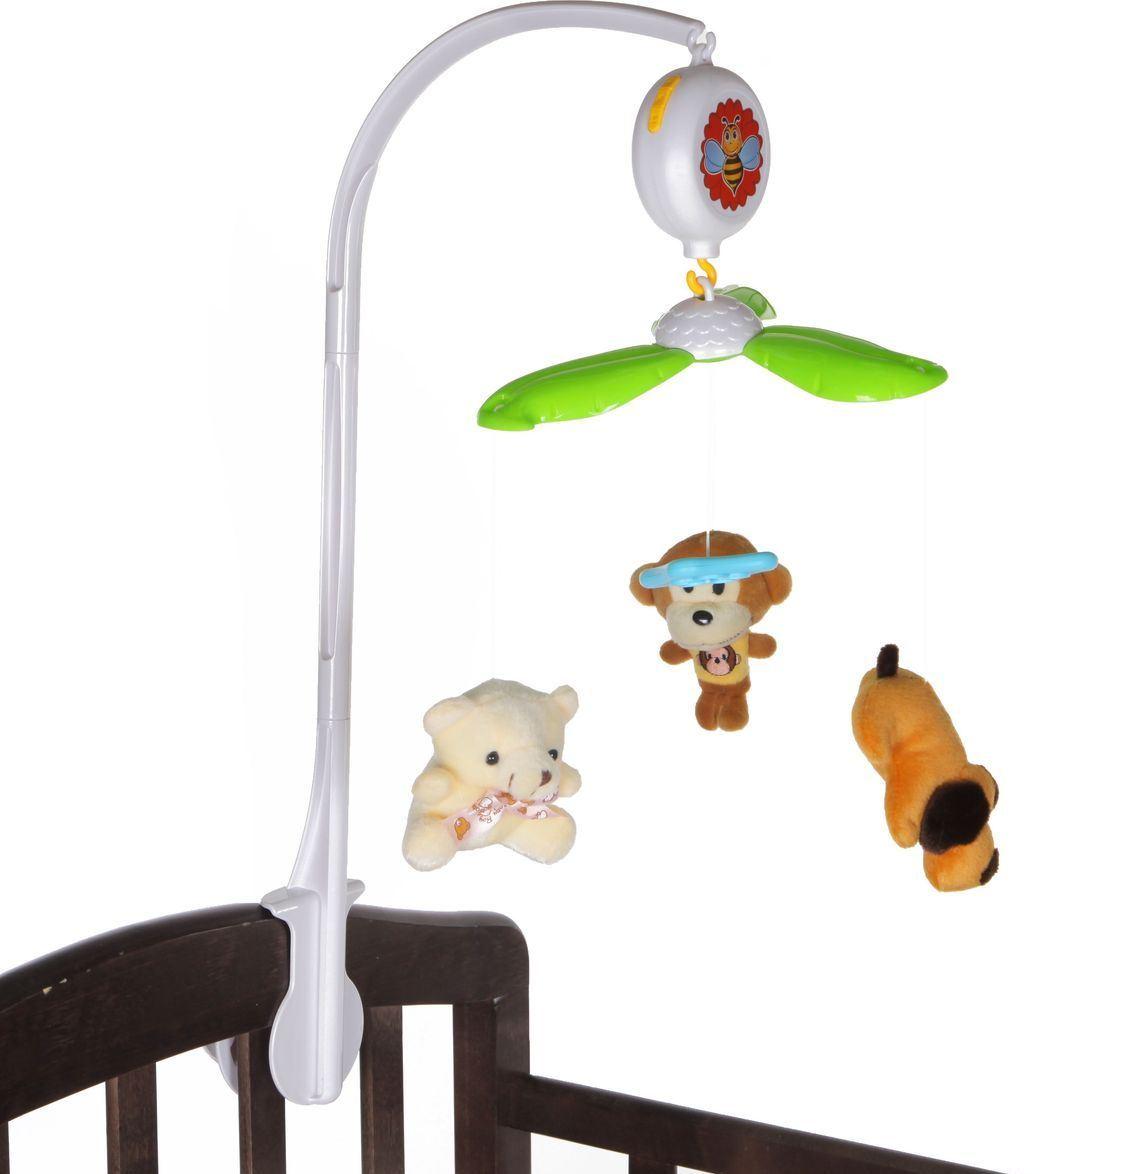 Мобиль на кроватку - Мобили и музыкальные карусели на кроватку, игрушки для сна, артикул: 166560